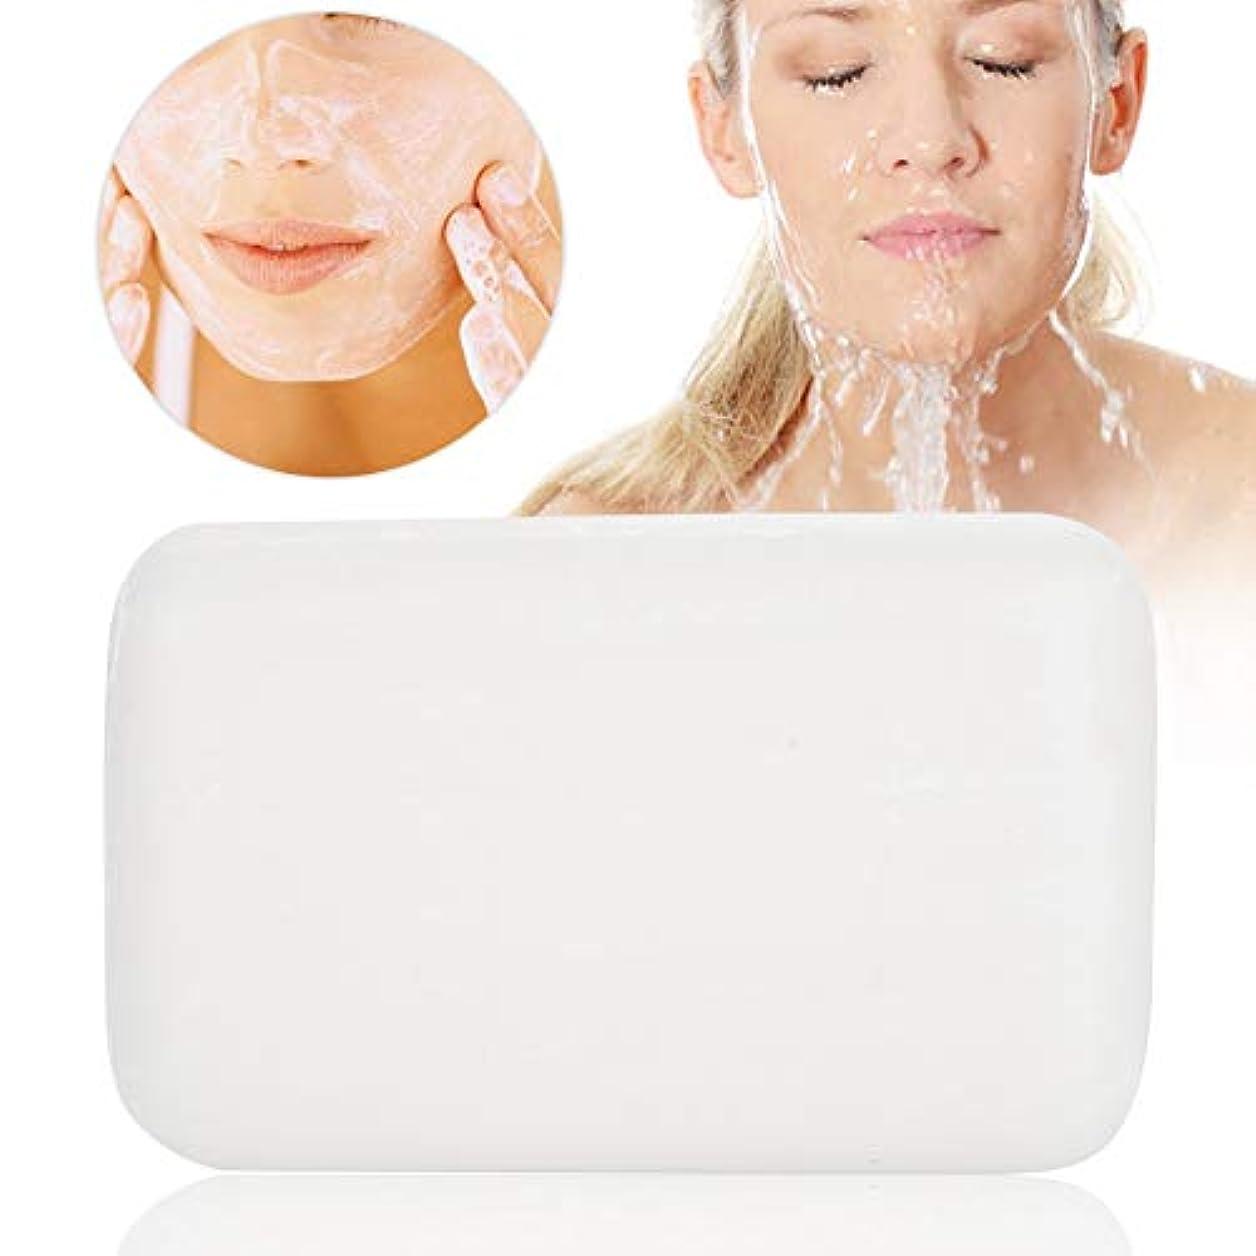 オプション小包影響美容石鹸 シミ取り! (洗顔?全身用) せっけん バスサイズ 洗顔石けん 無添加 低刺激性 化粧石鹸